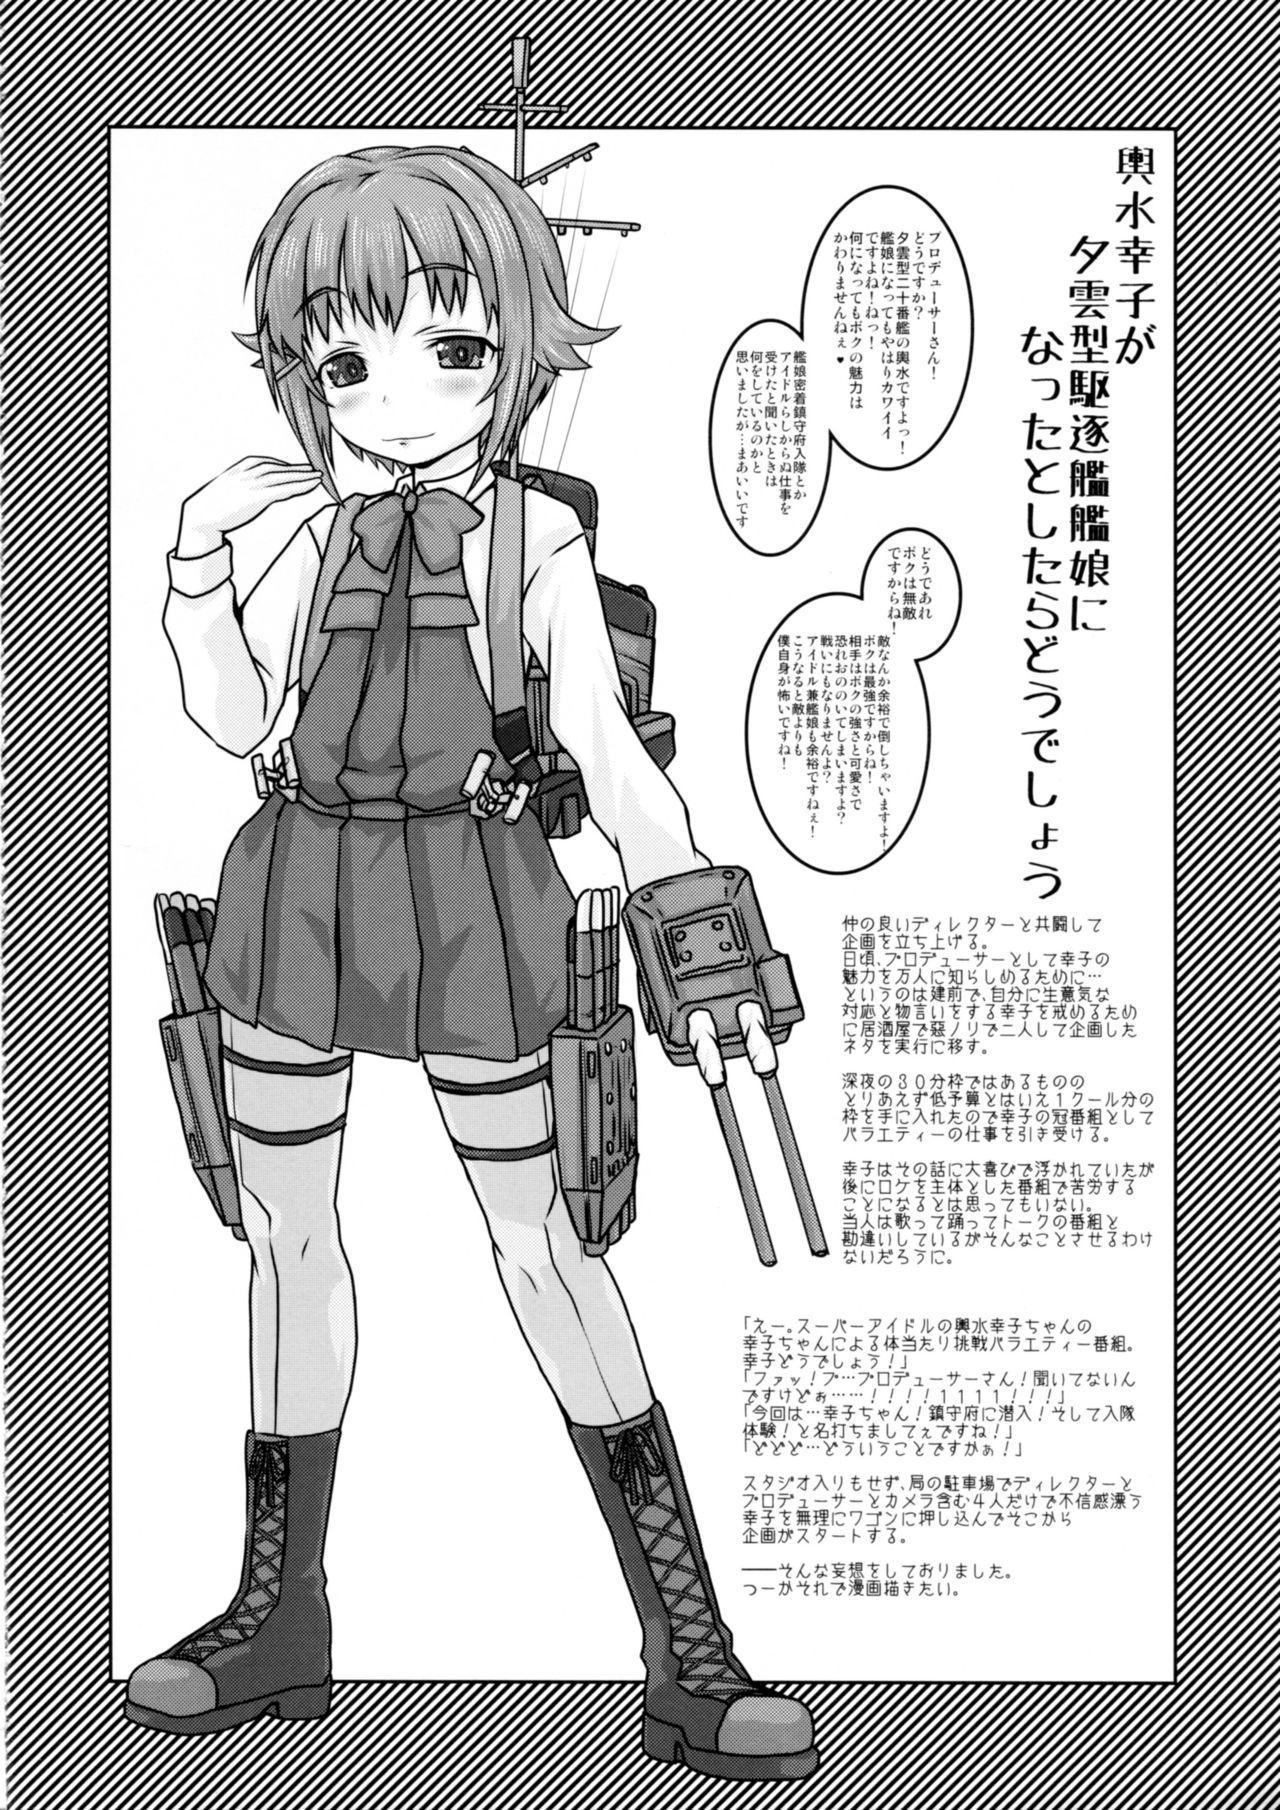 Yuugumo-gata Kanmusu ni Yoru Teitoku Kanri Nisshi. Sono Ichi Sono Ni Gappei Kaishuu Ban 54